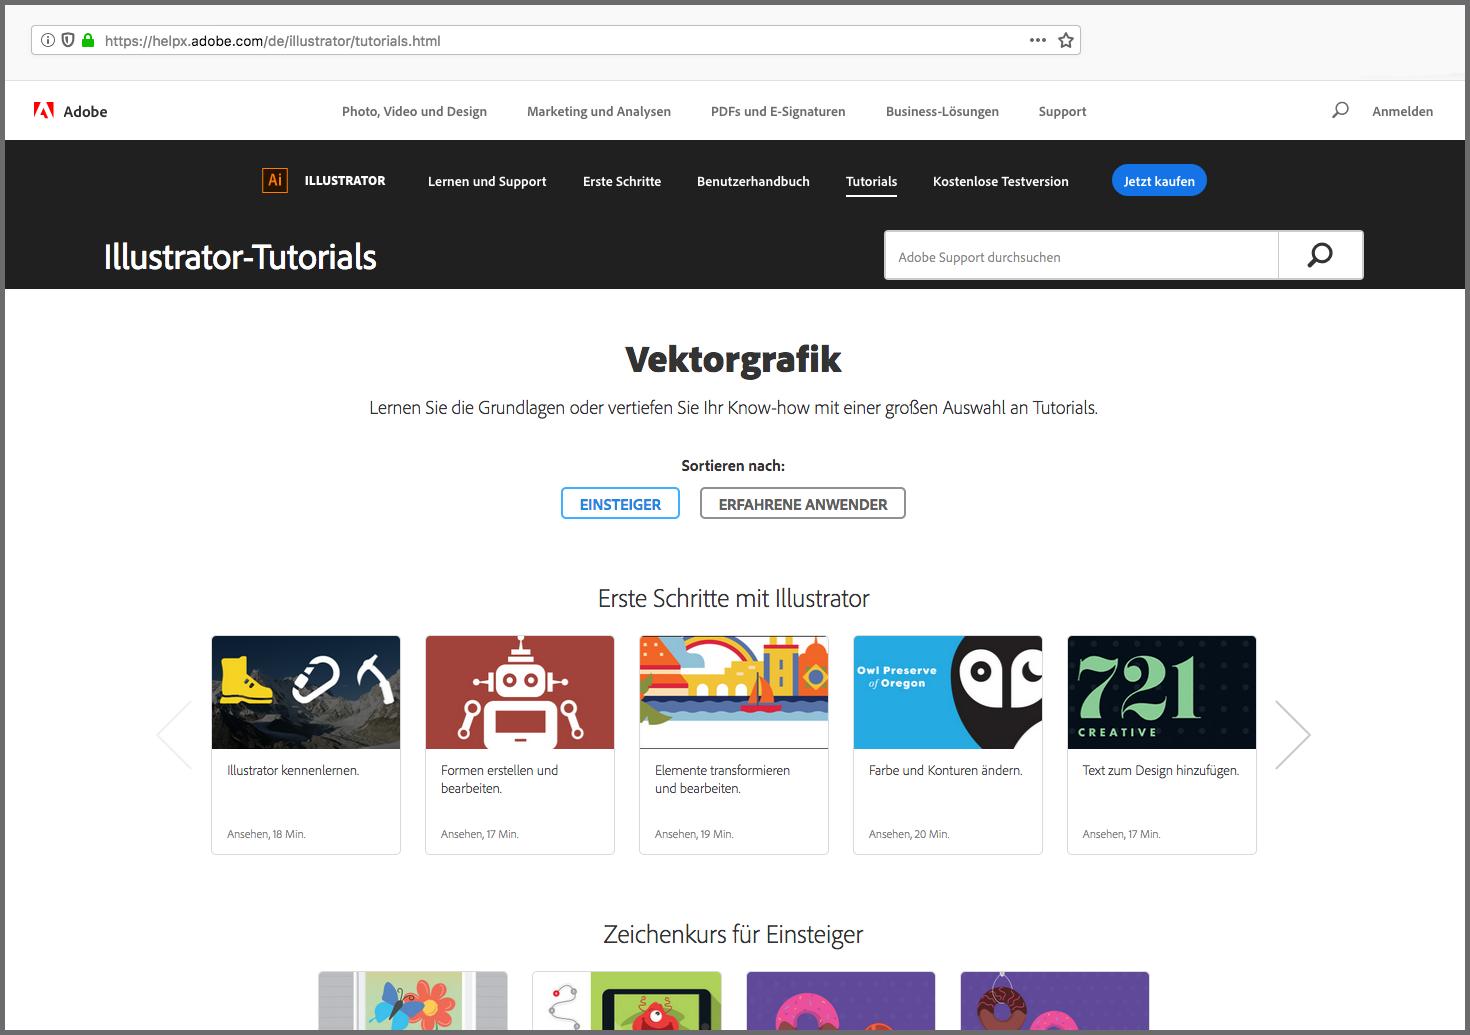 Online-Tutorials von Adobe